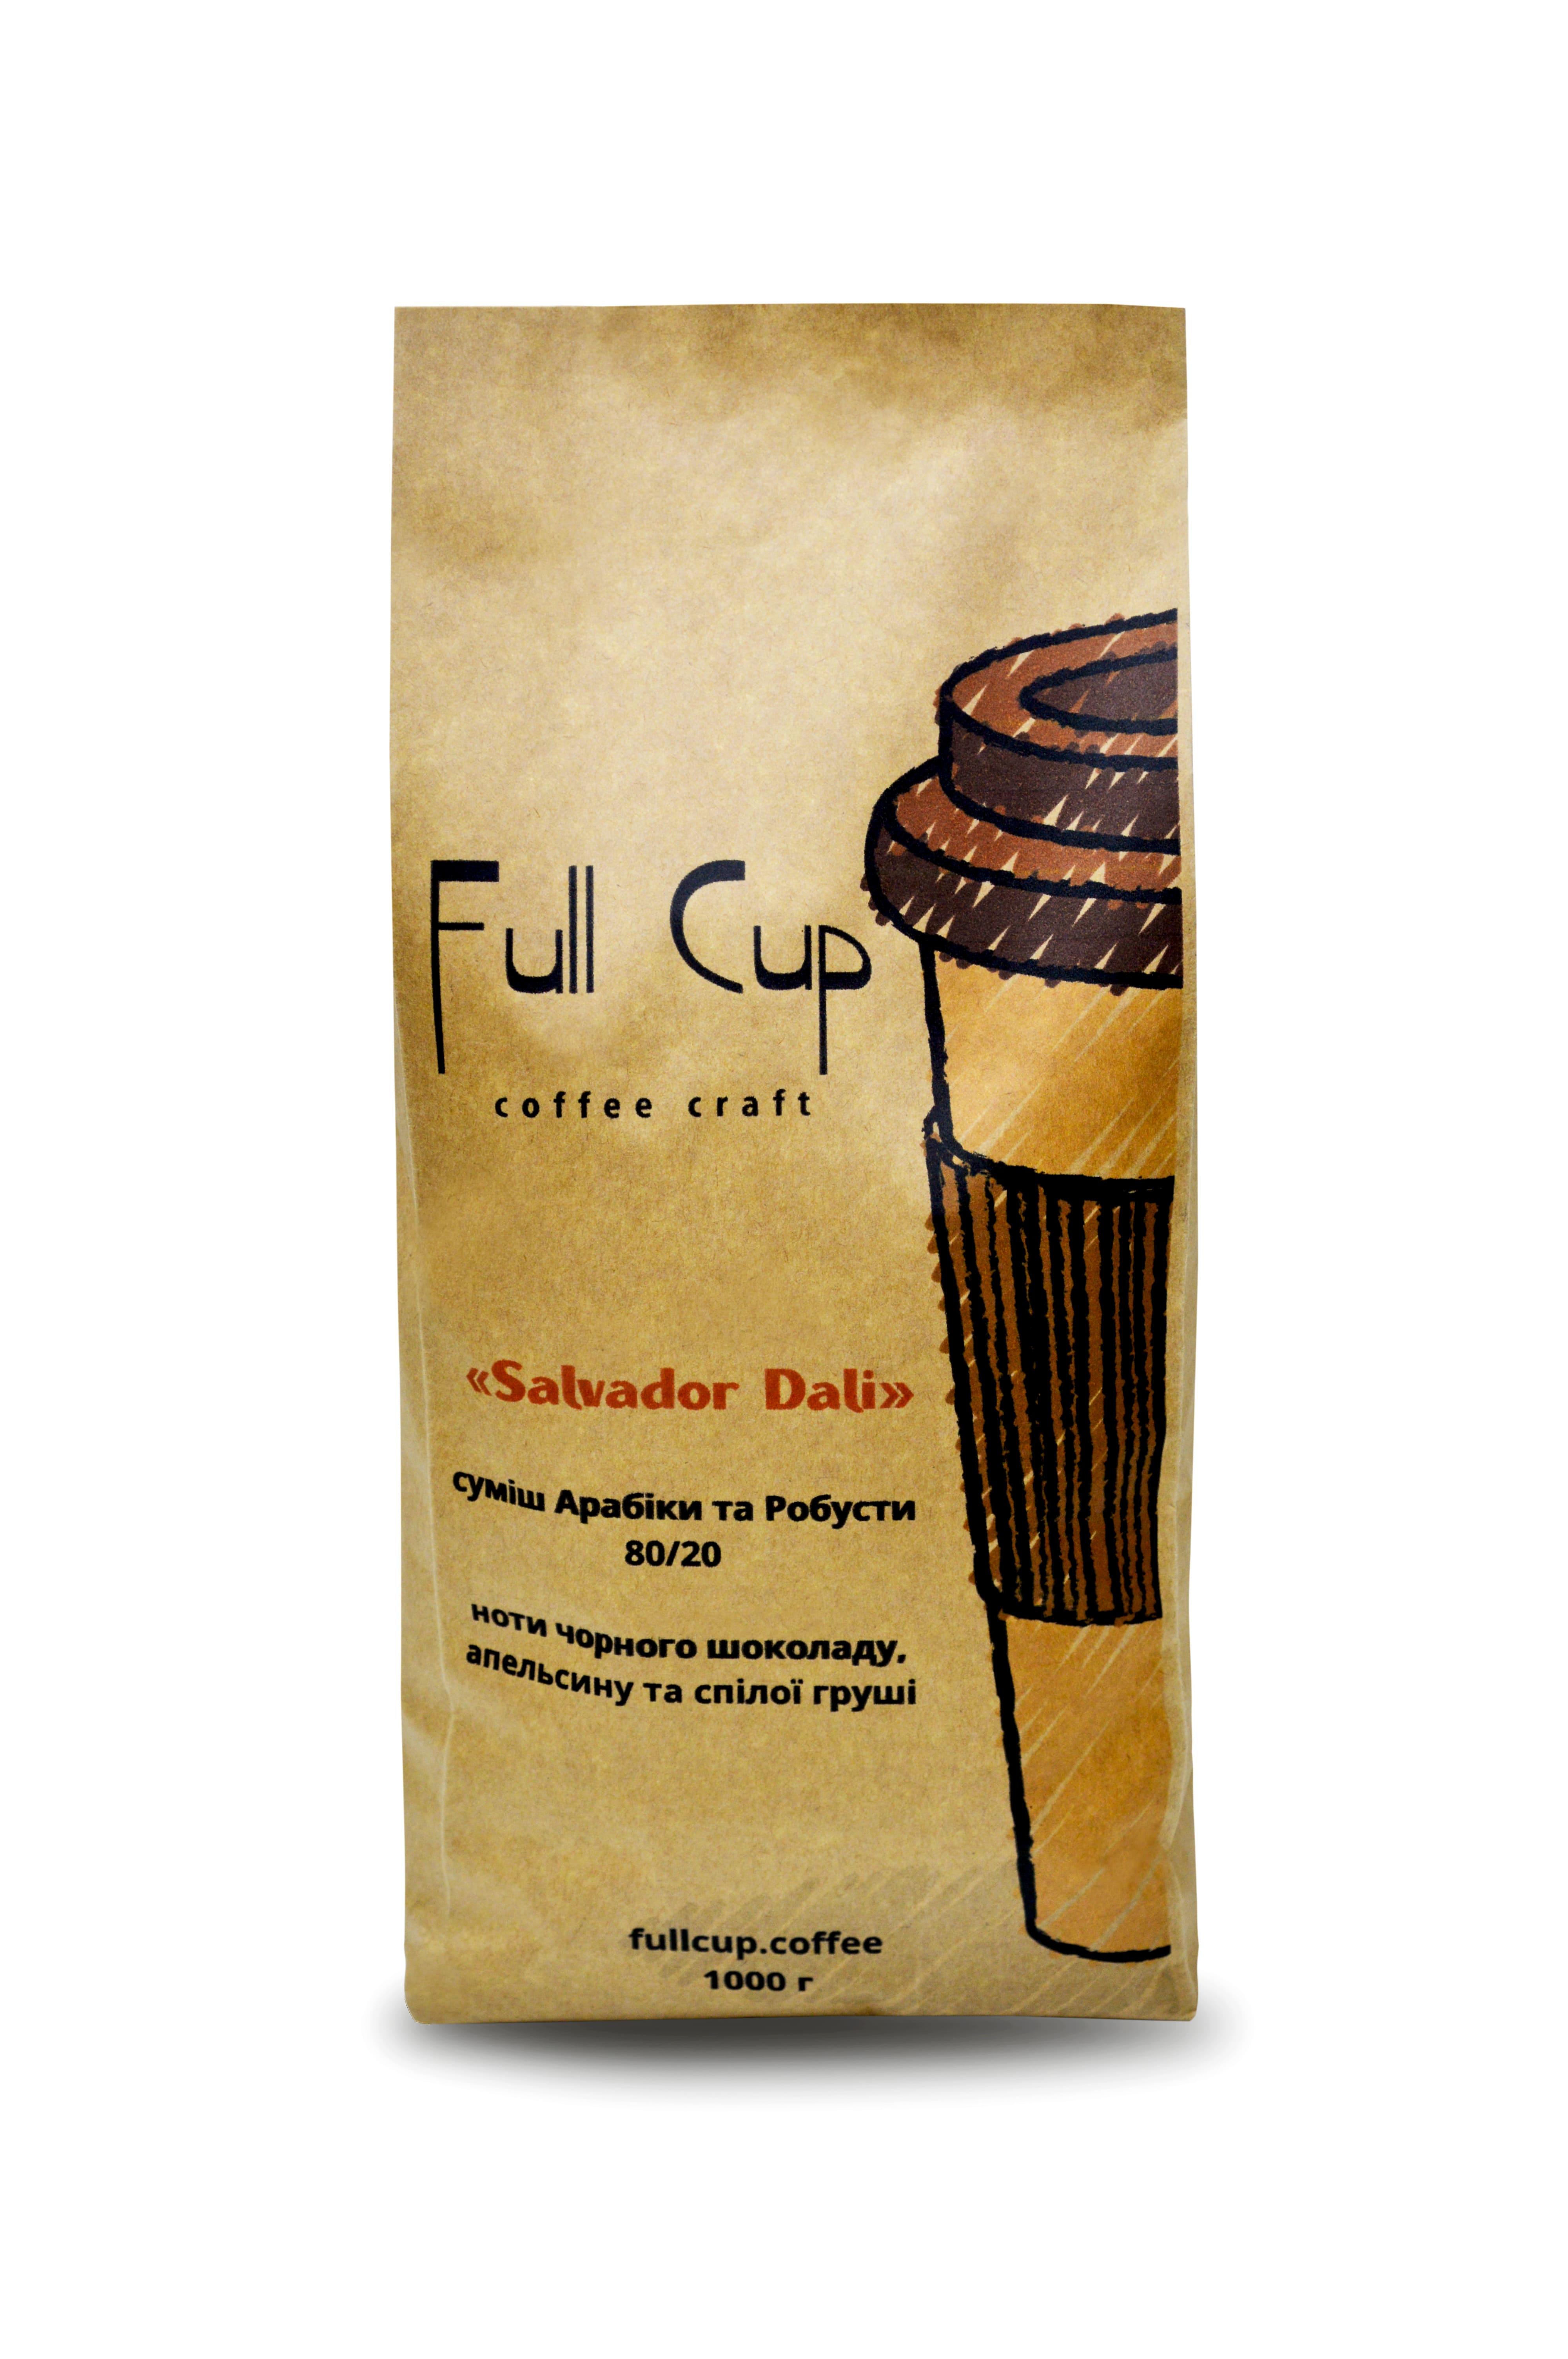 Купаж «Salvador Dali» ноты черного шоколада, апельсина и спелой груши...